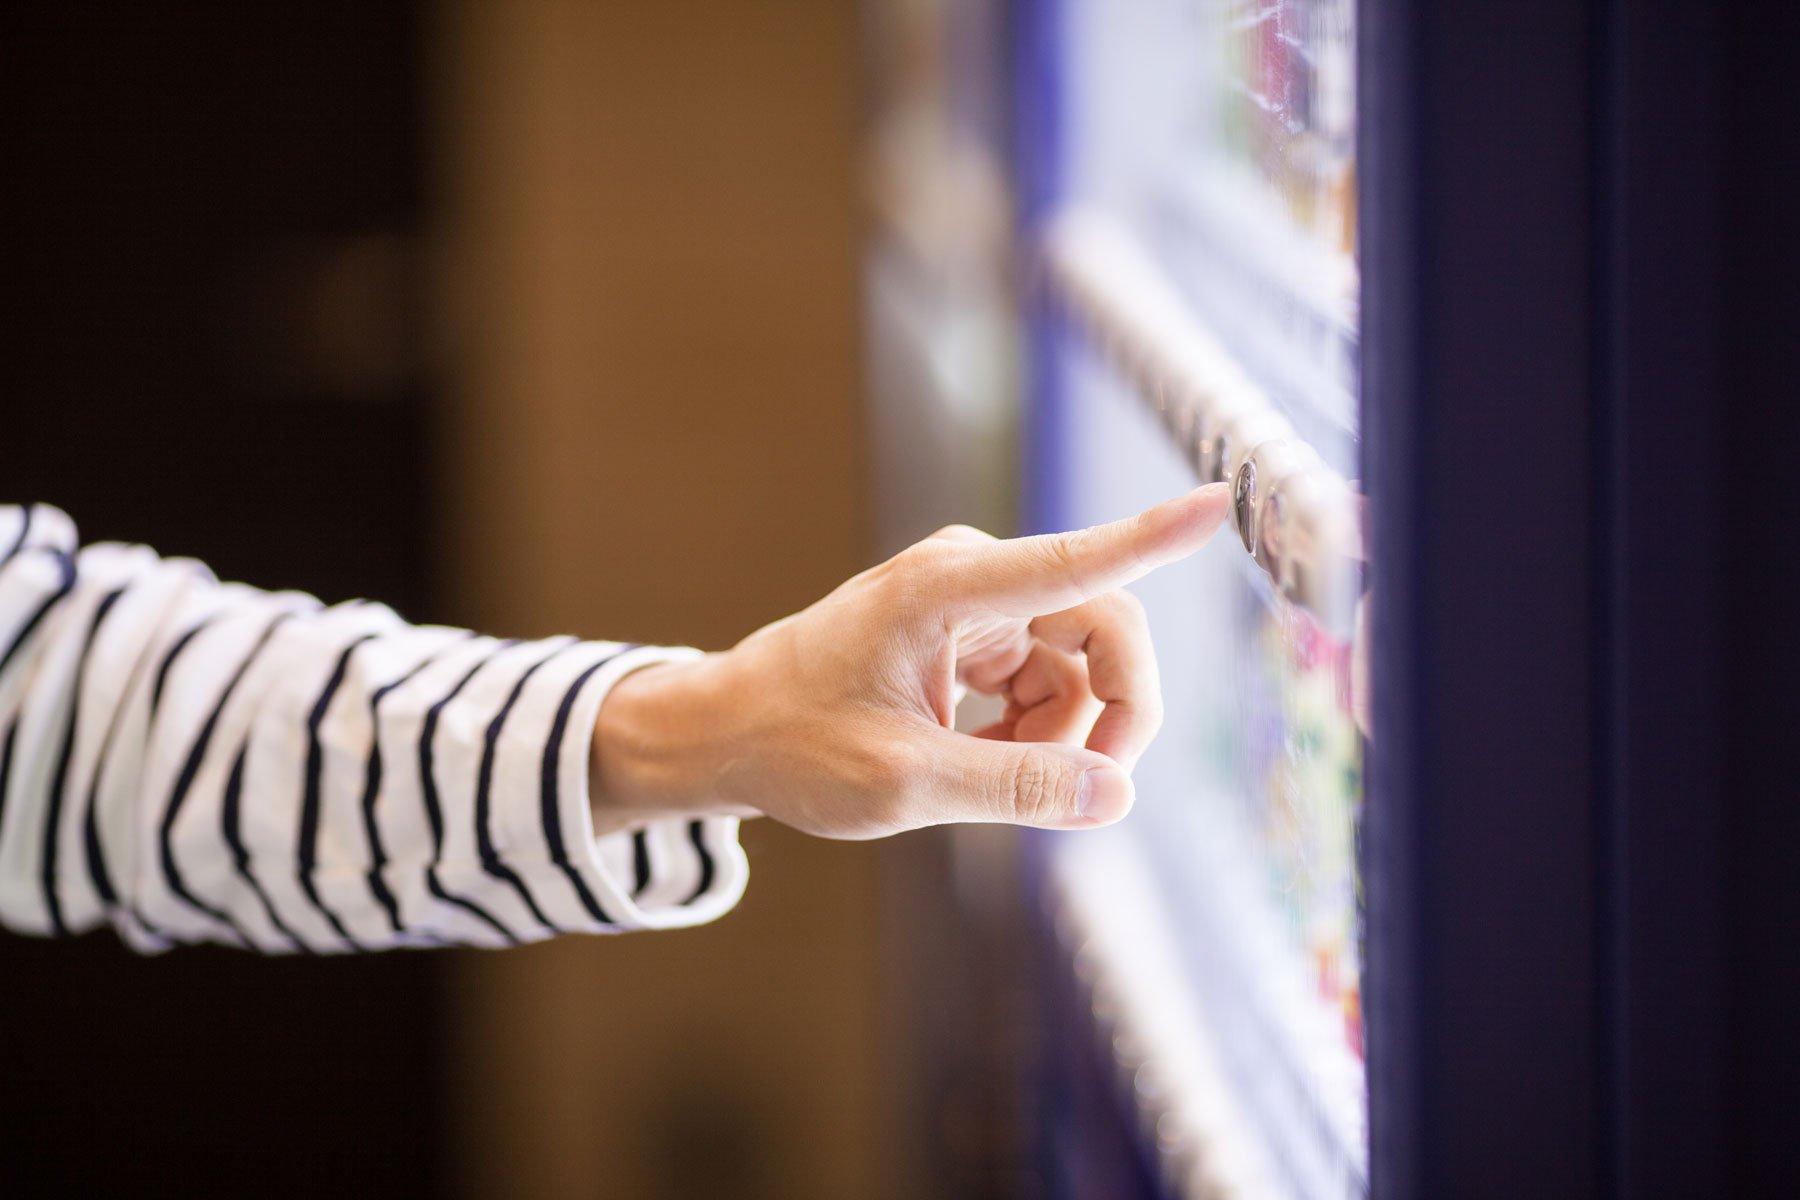 un dito che preme il pulsante di un distributore automatico